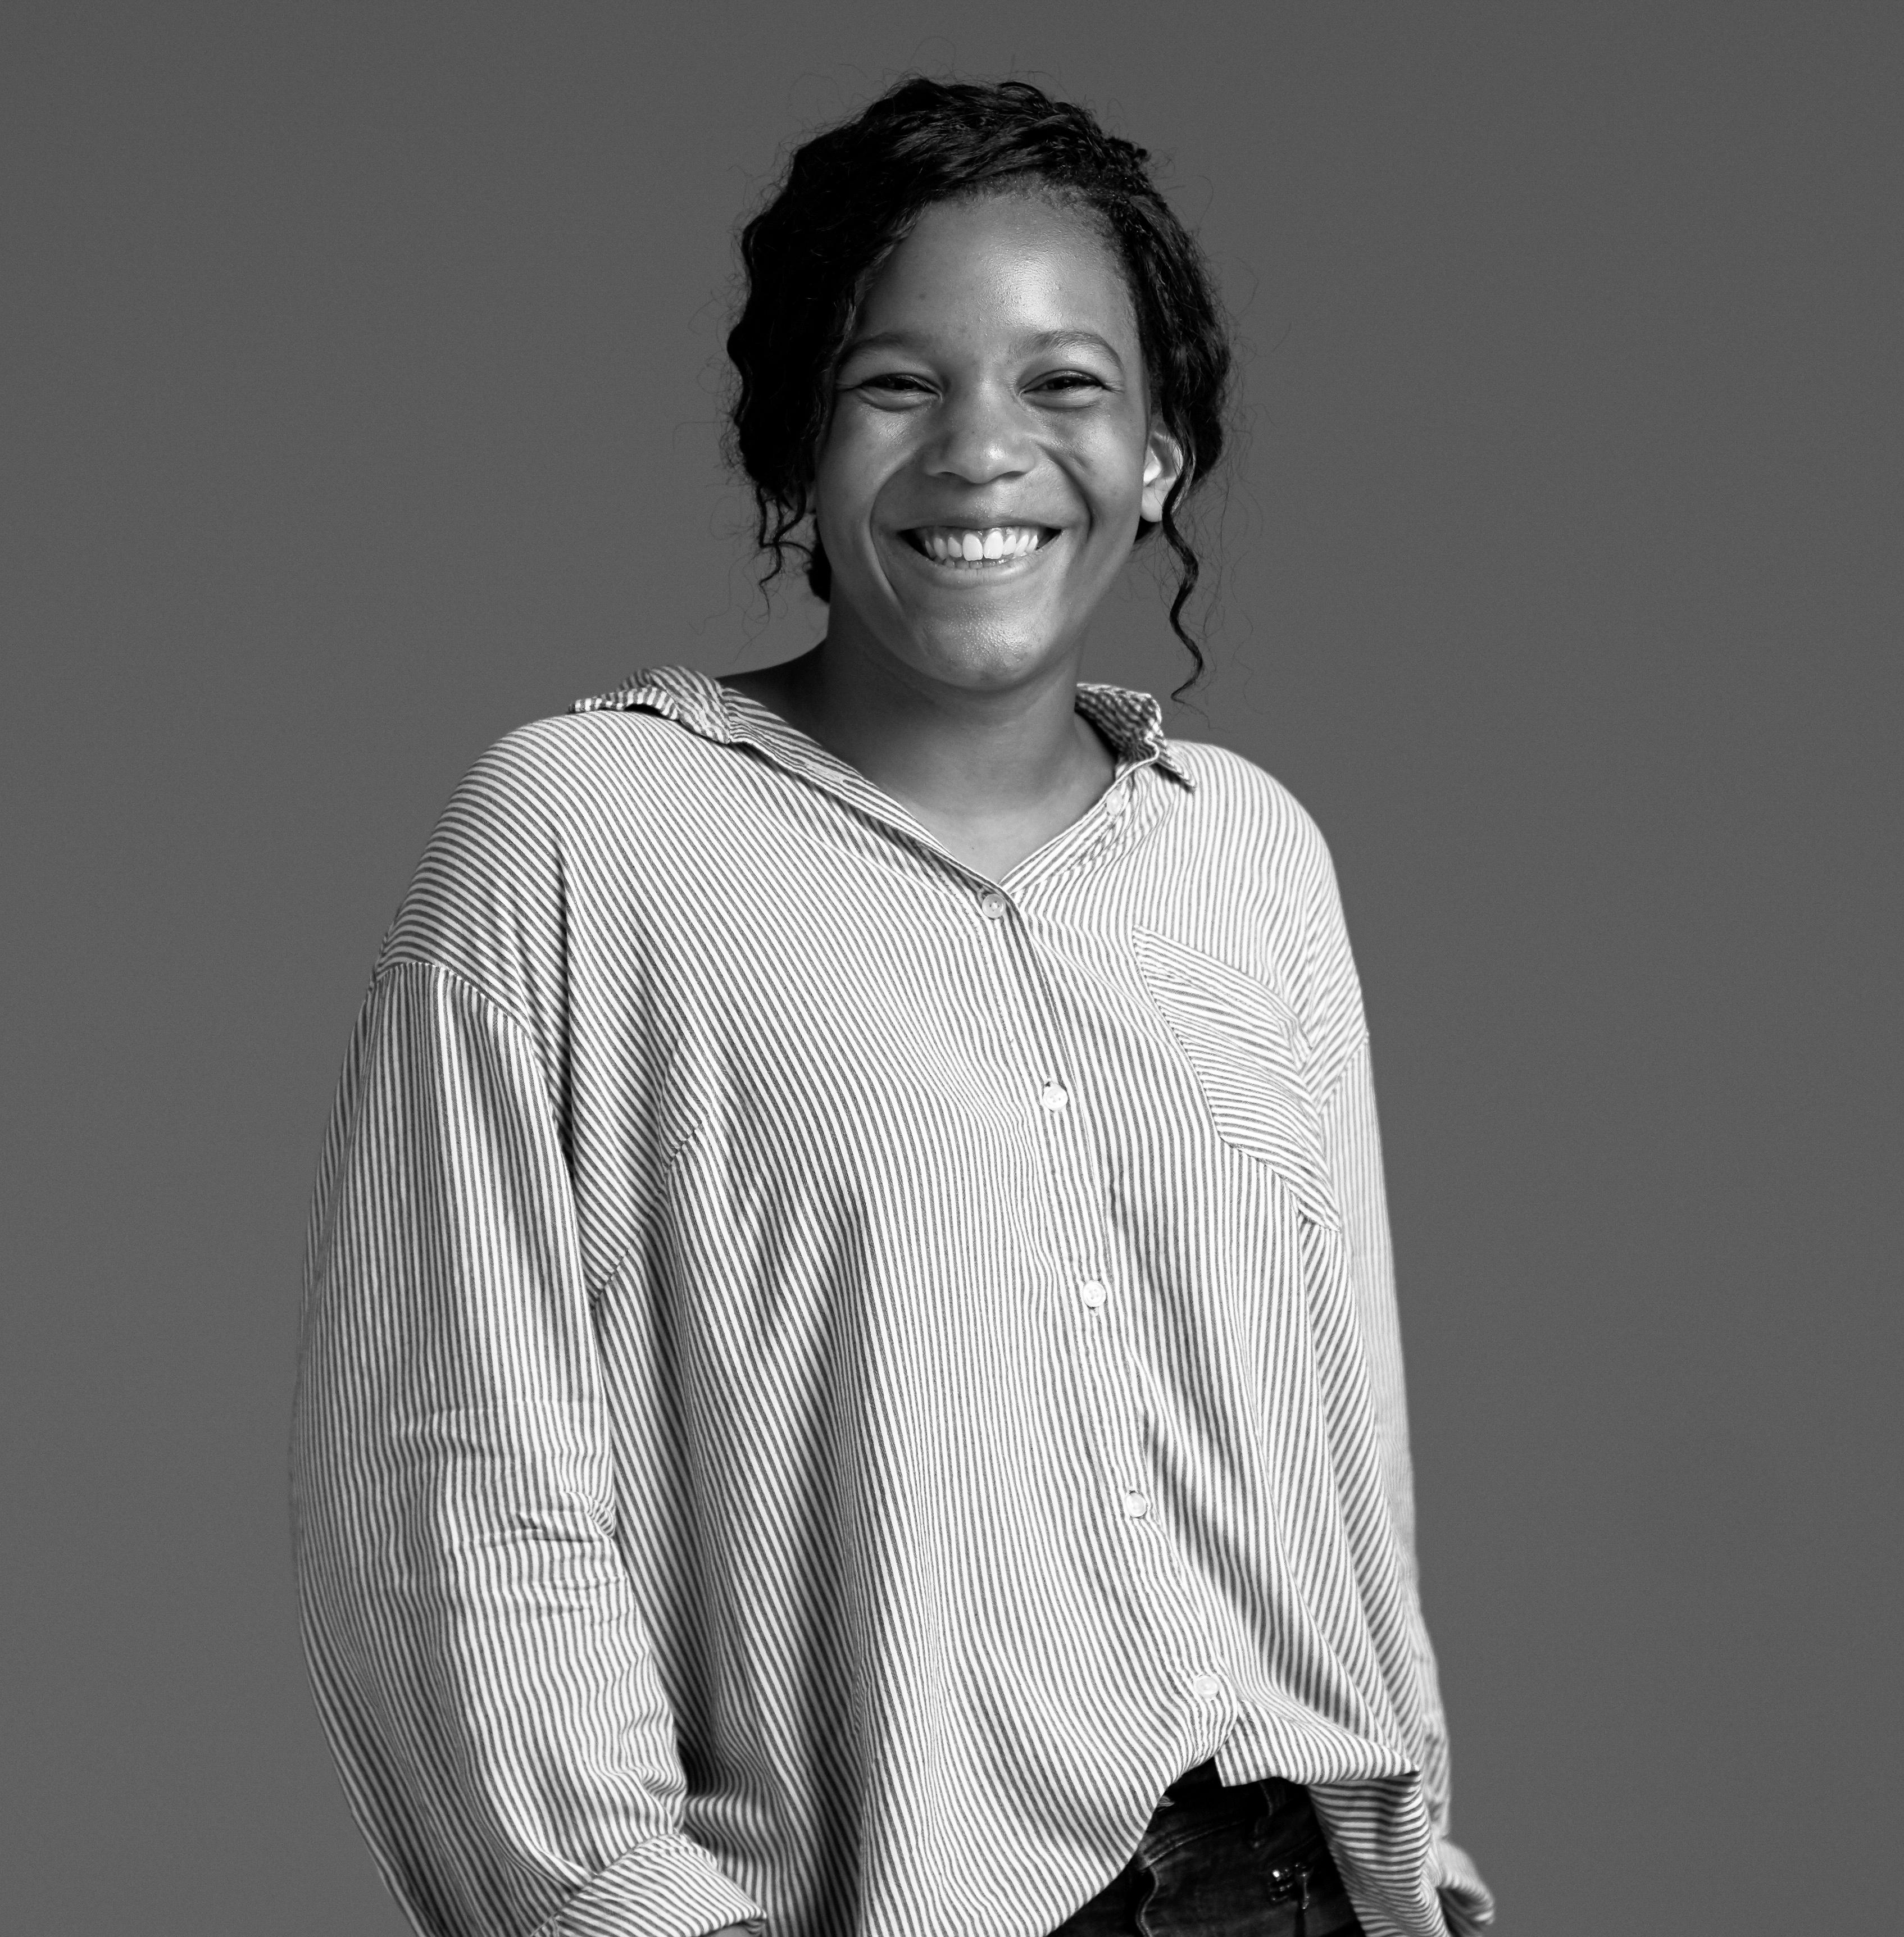 Kayla Watson Graphic Design Student photo